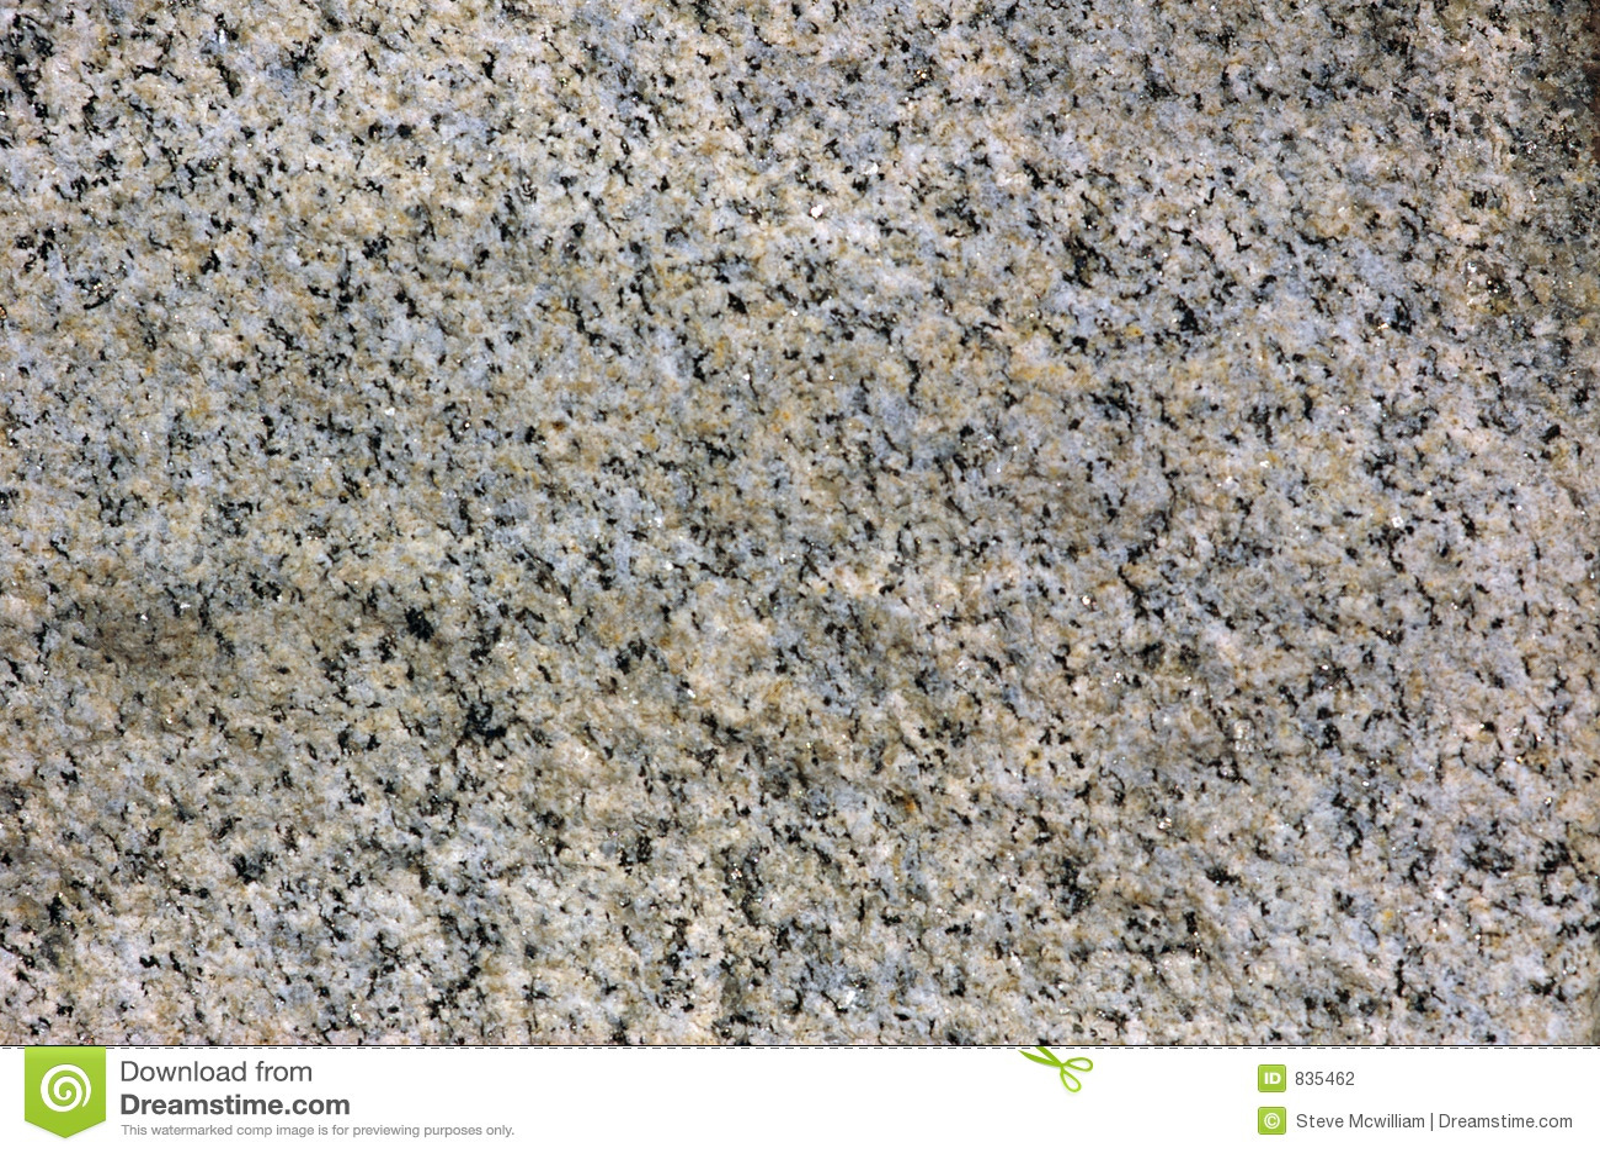 Granite Texture 01